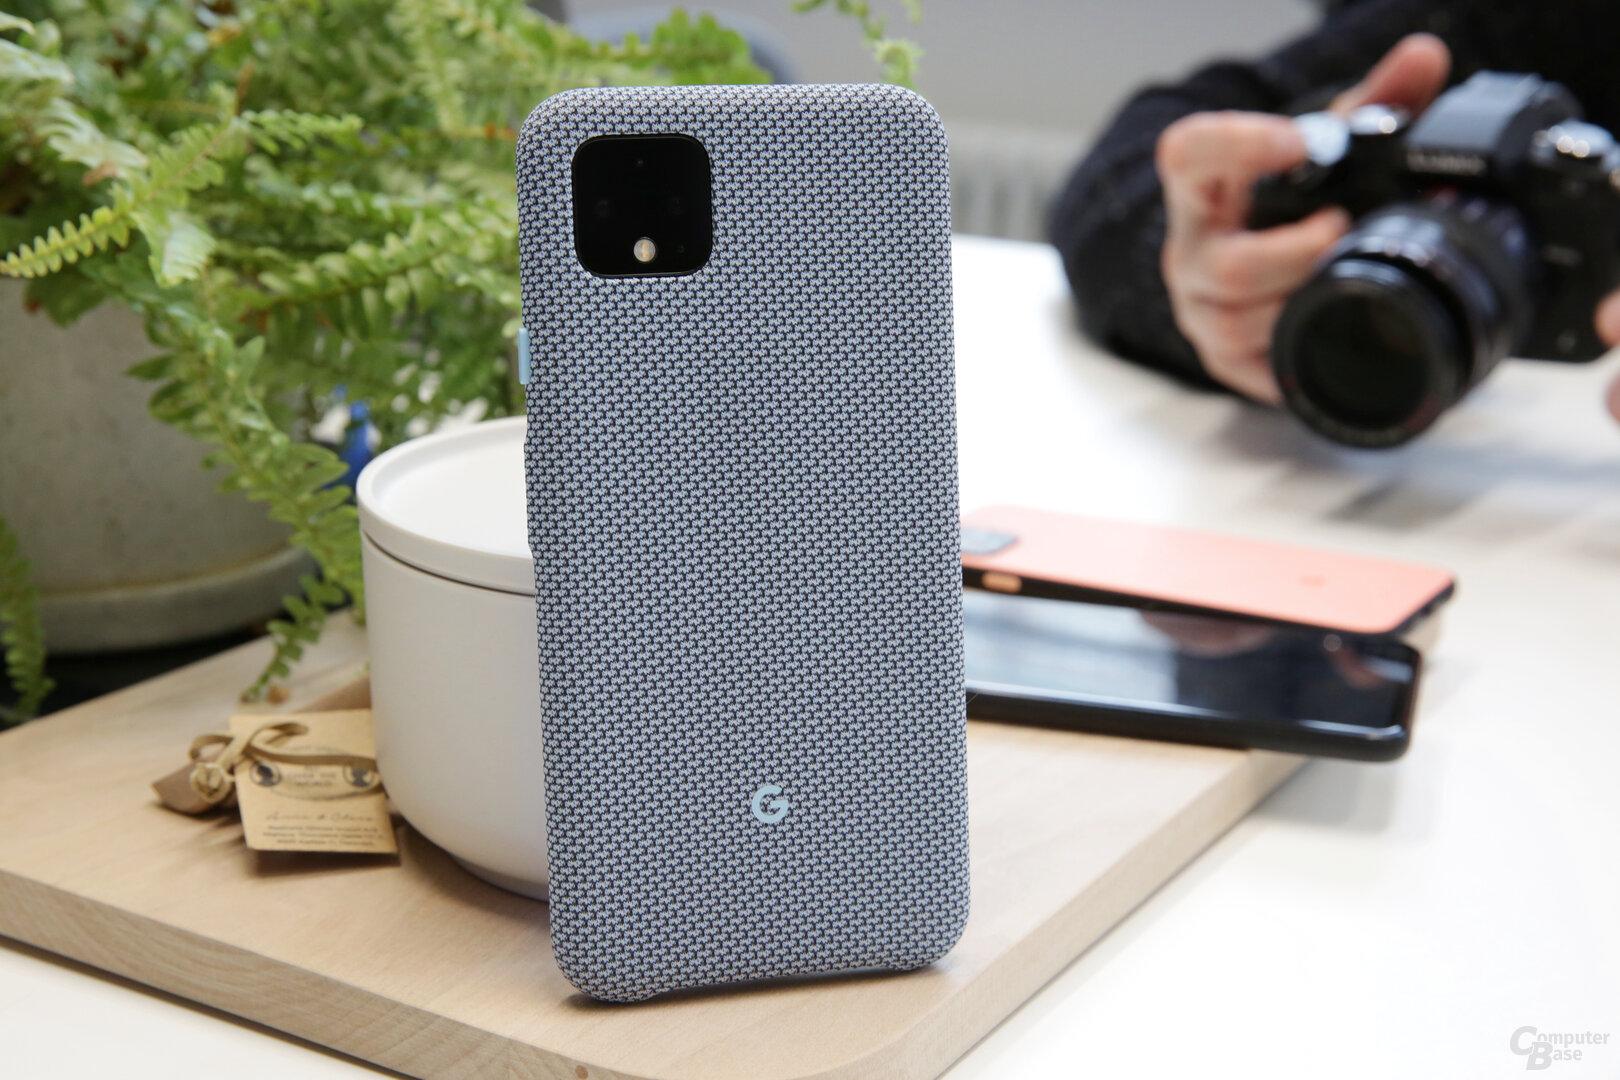 Pixel 4 in Google-typischer Stoffhülle